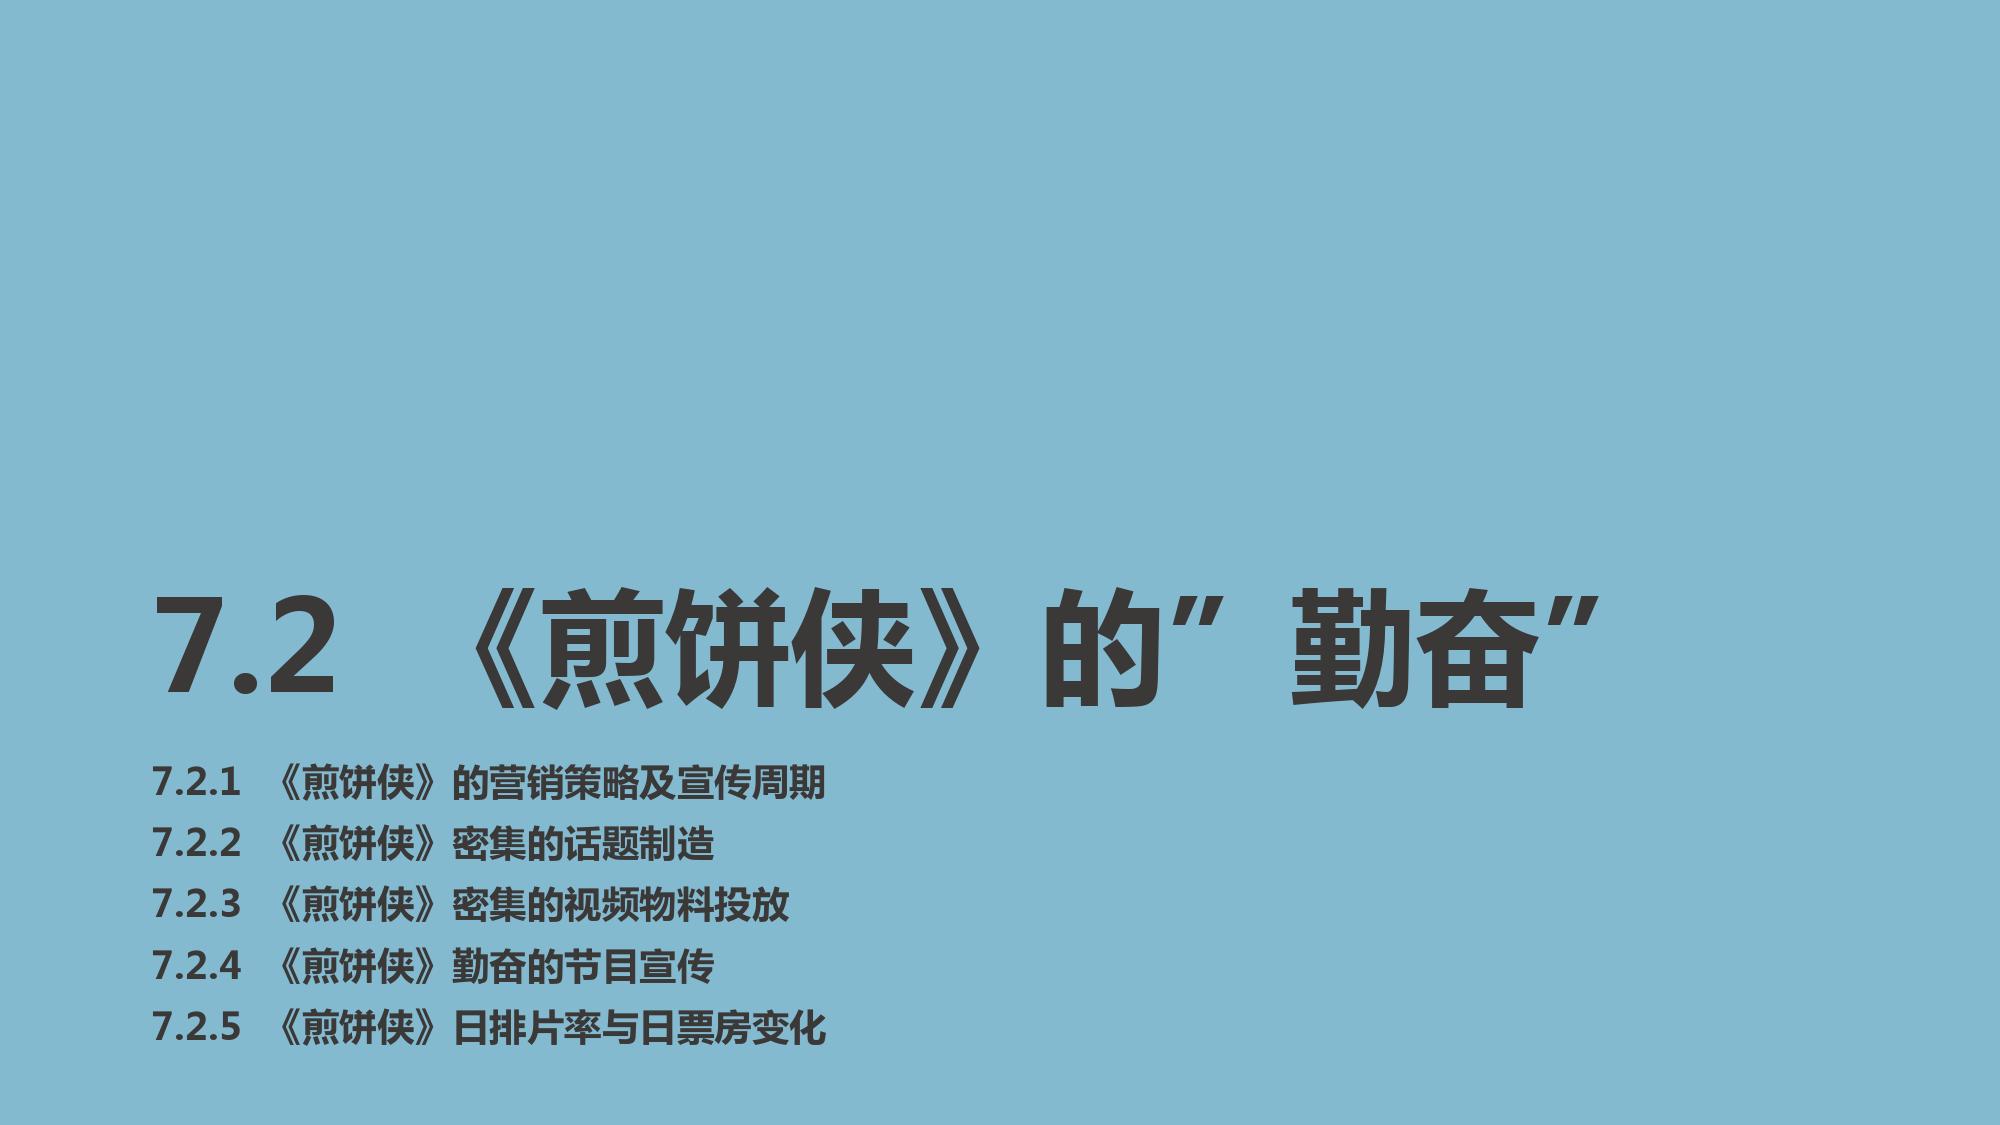 2015年度中国电影产业报告_000089